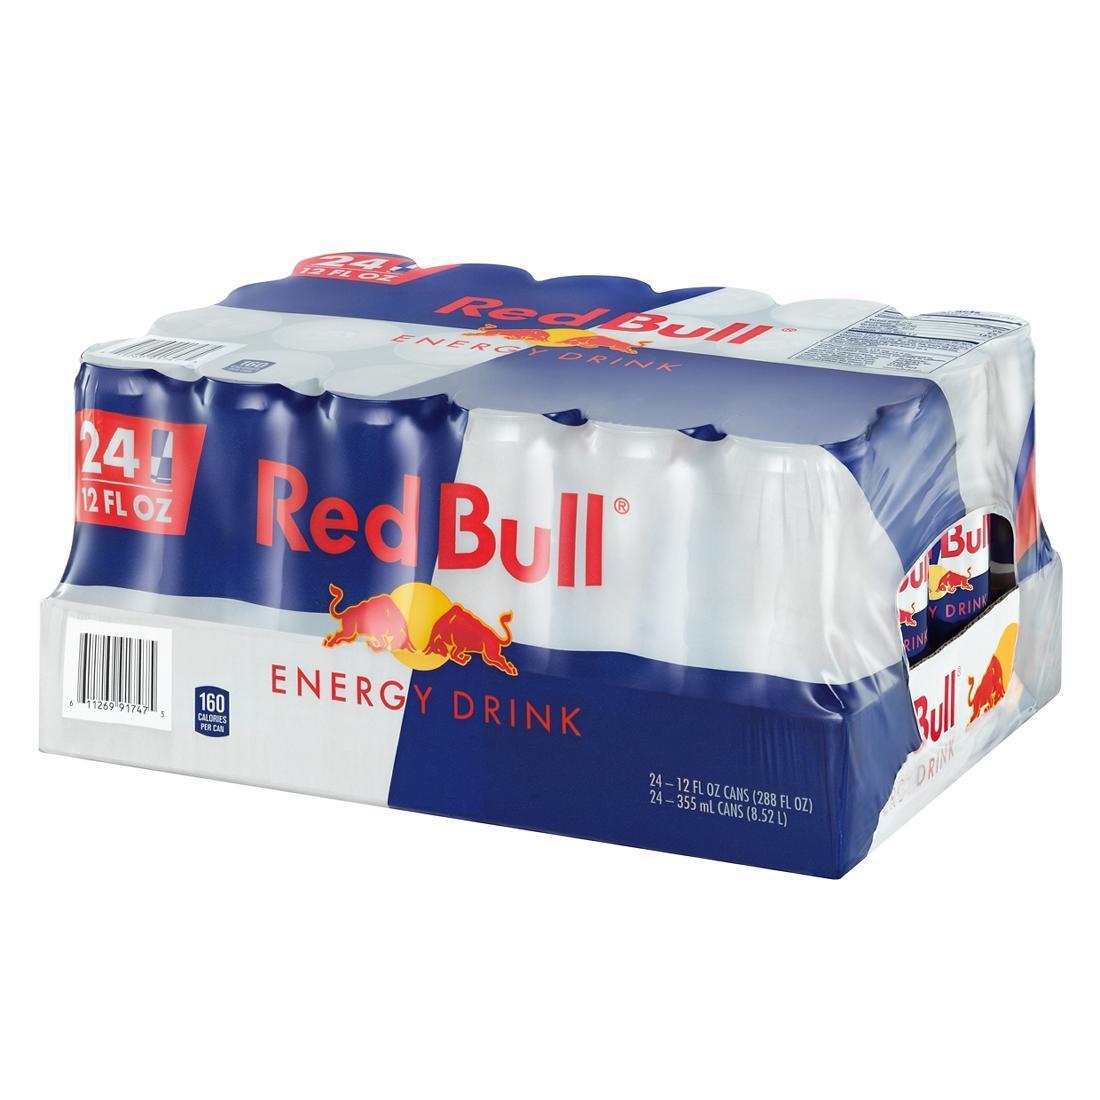 Original Original Red Bull 250 Ml Energy Drink From Austria/red Bull 250 Ml Energy Drink /wholesale Redbull